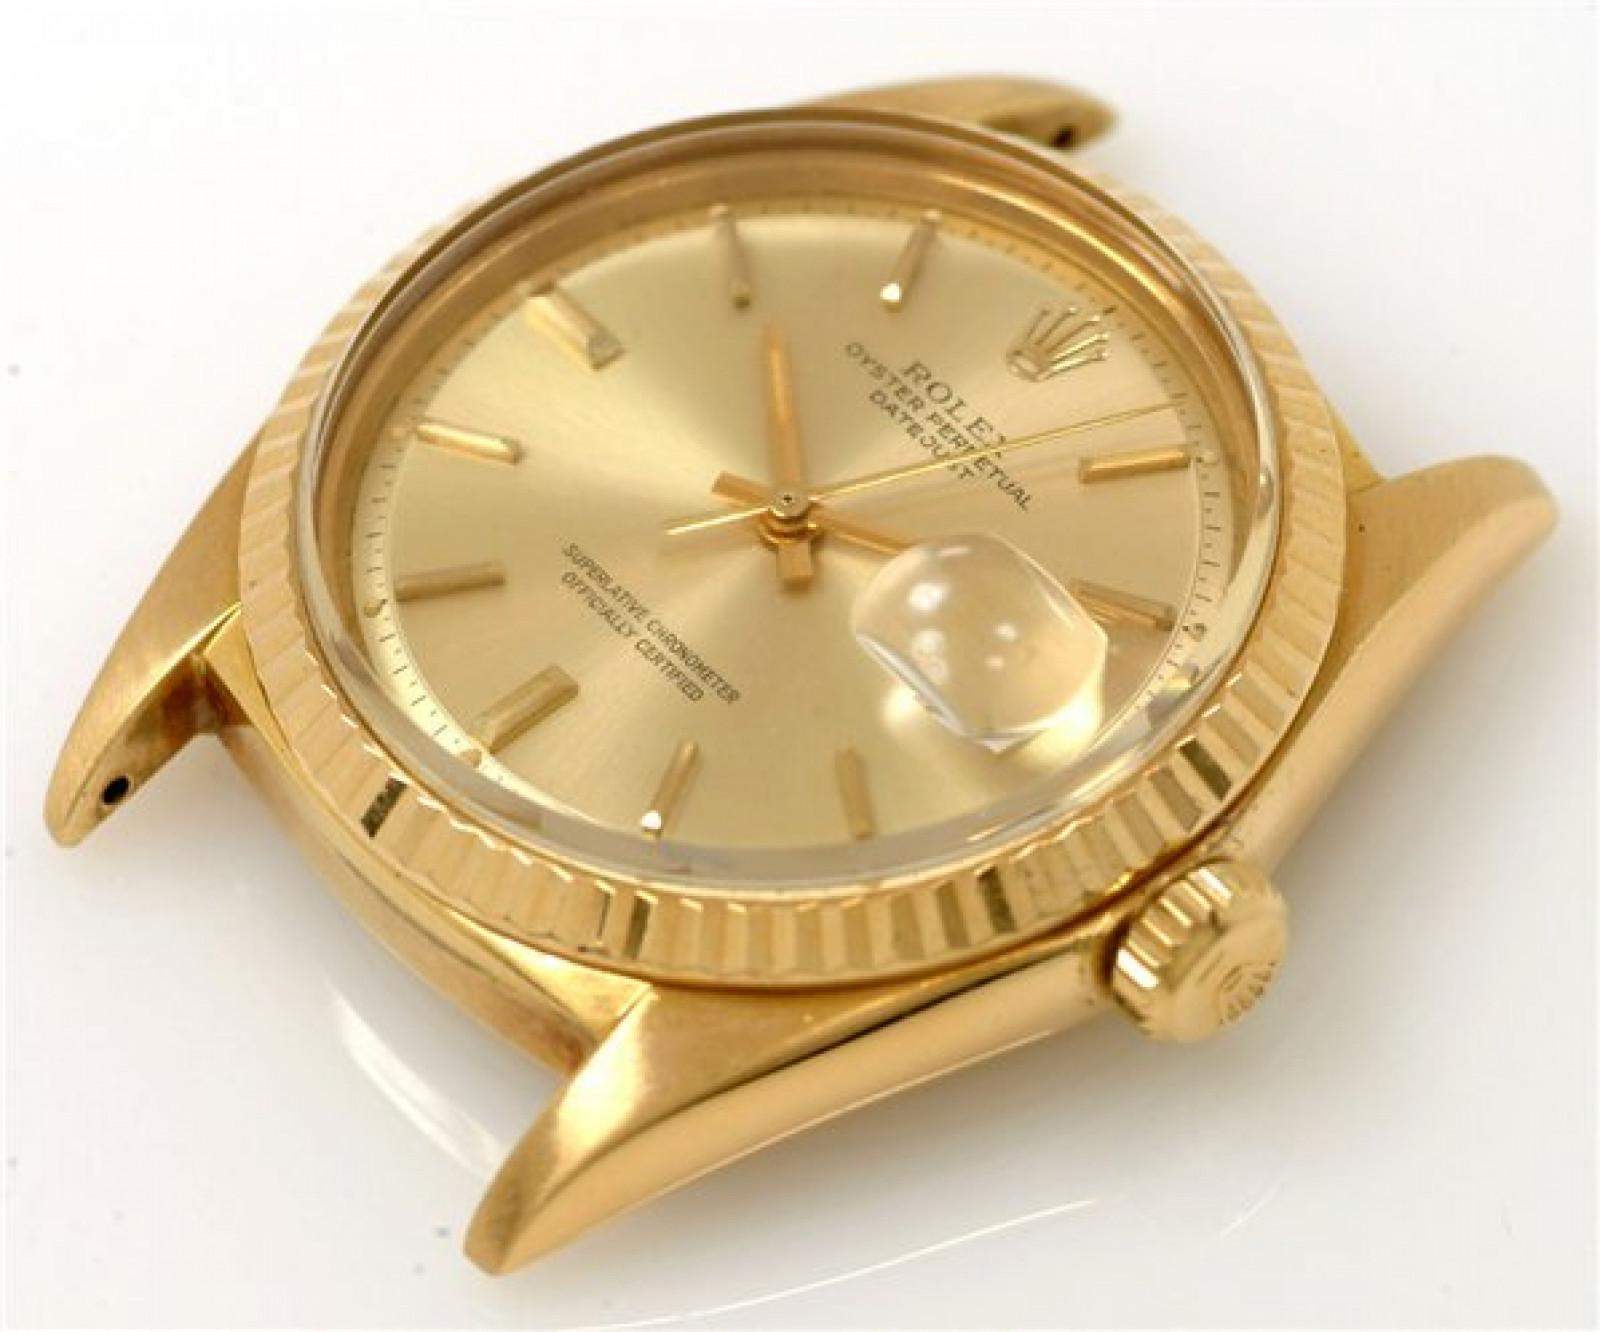 Vintage Rare Rolex Datejust 1601 Gold Year 1966